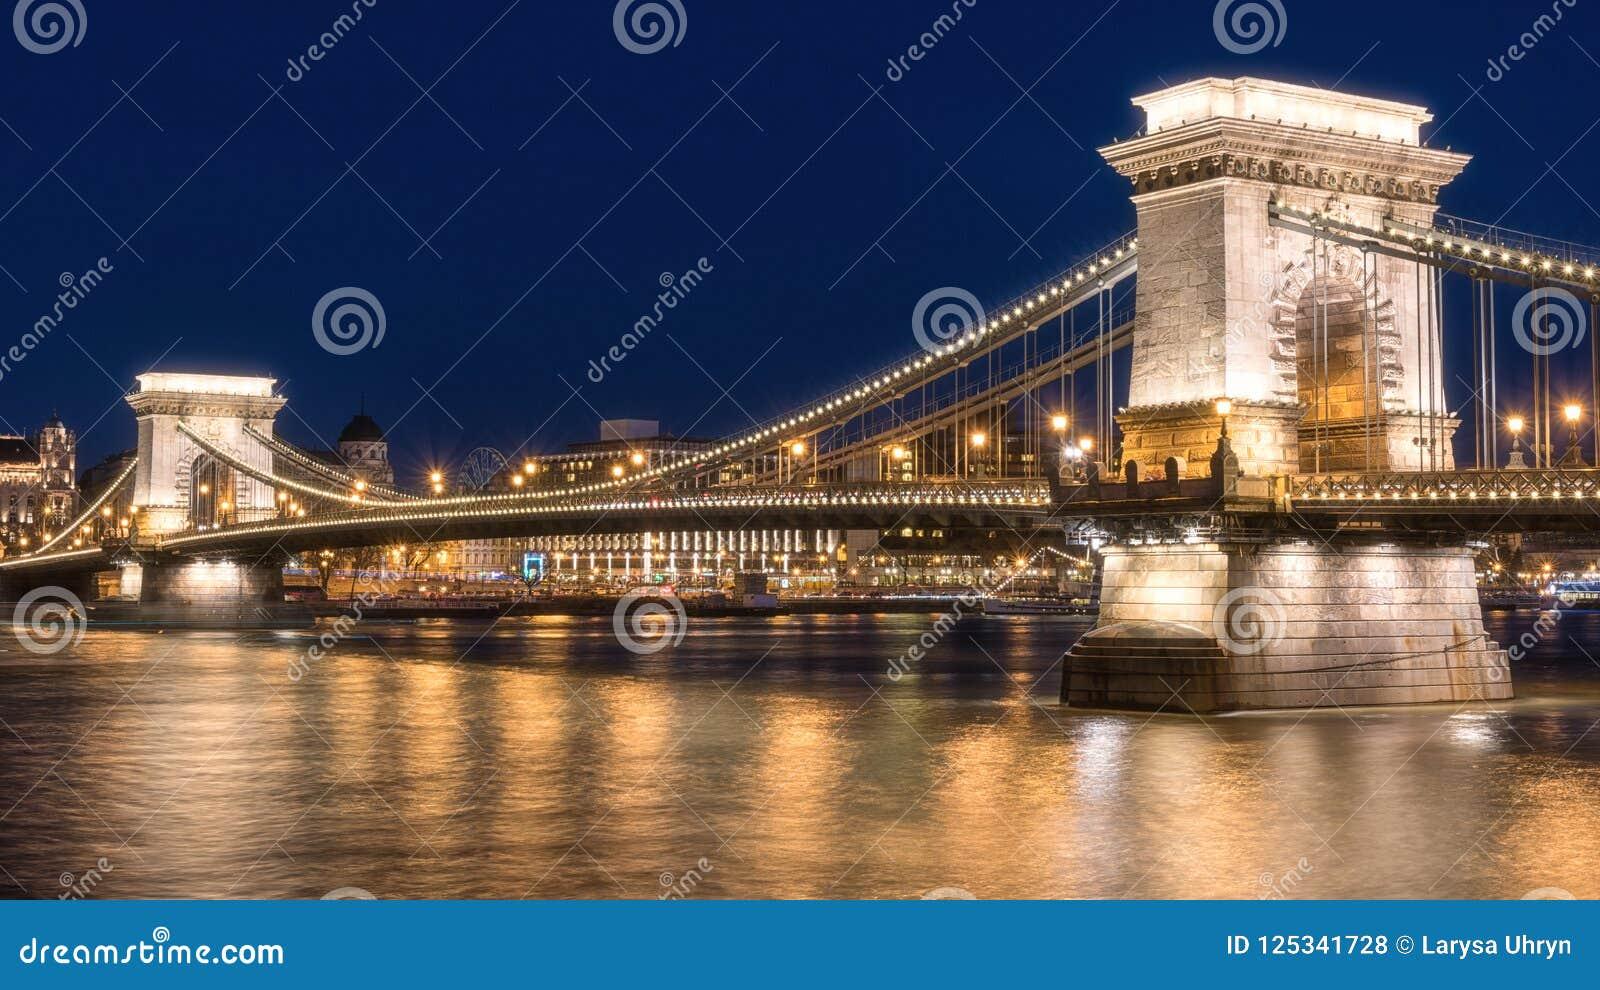 Budapest, Chain bridge Szechenyi lanchid at twilight blue hours, Hungary, Europe